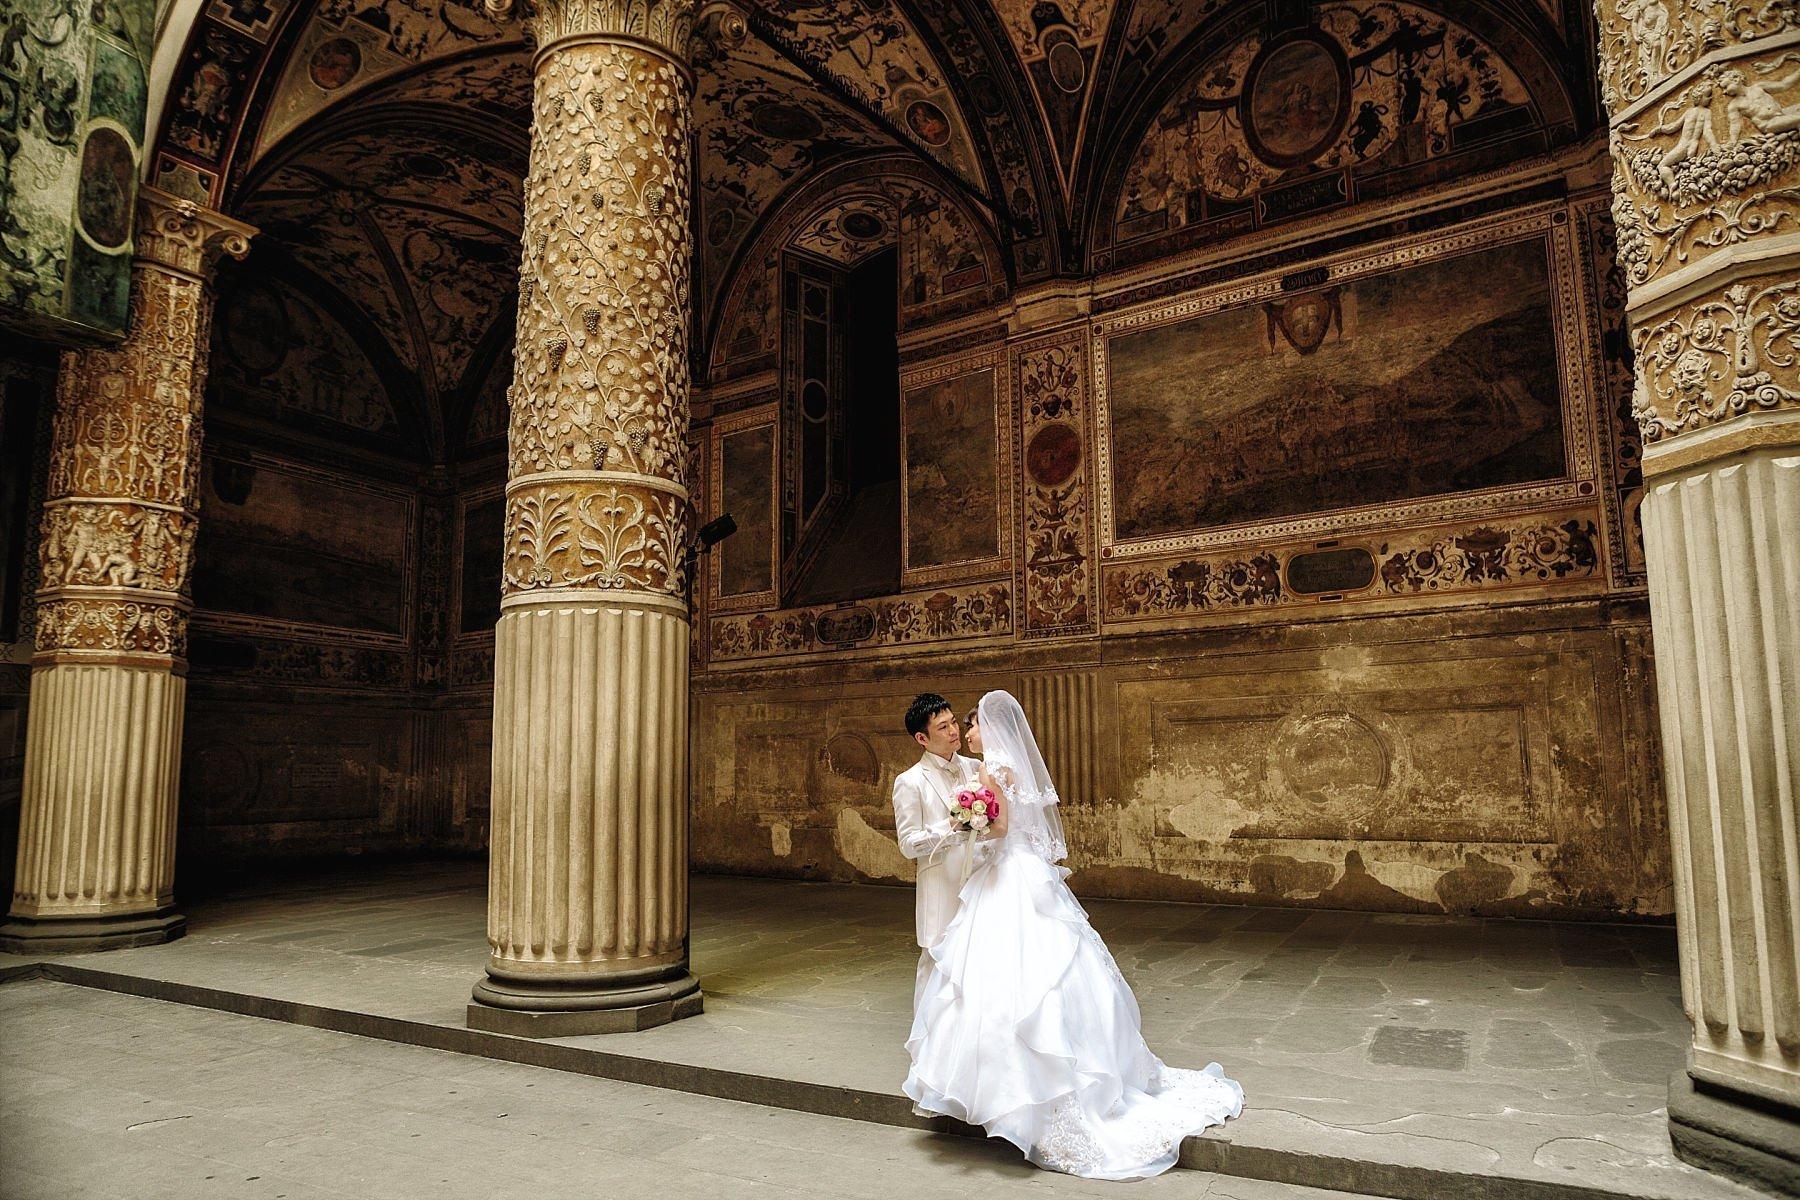 Foto ritratti di sposi a Firenze nel Palazzo Vecchio